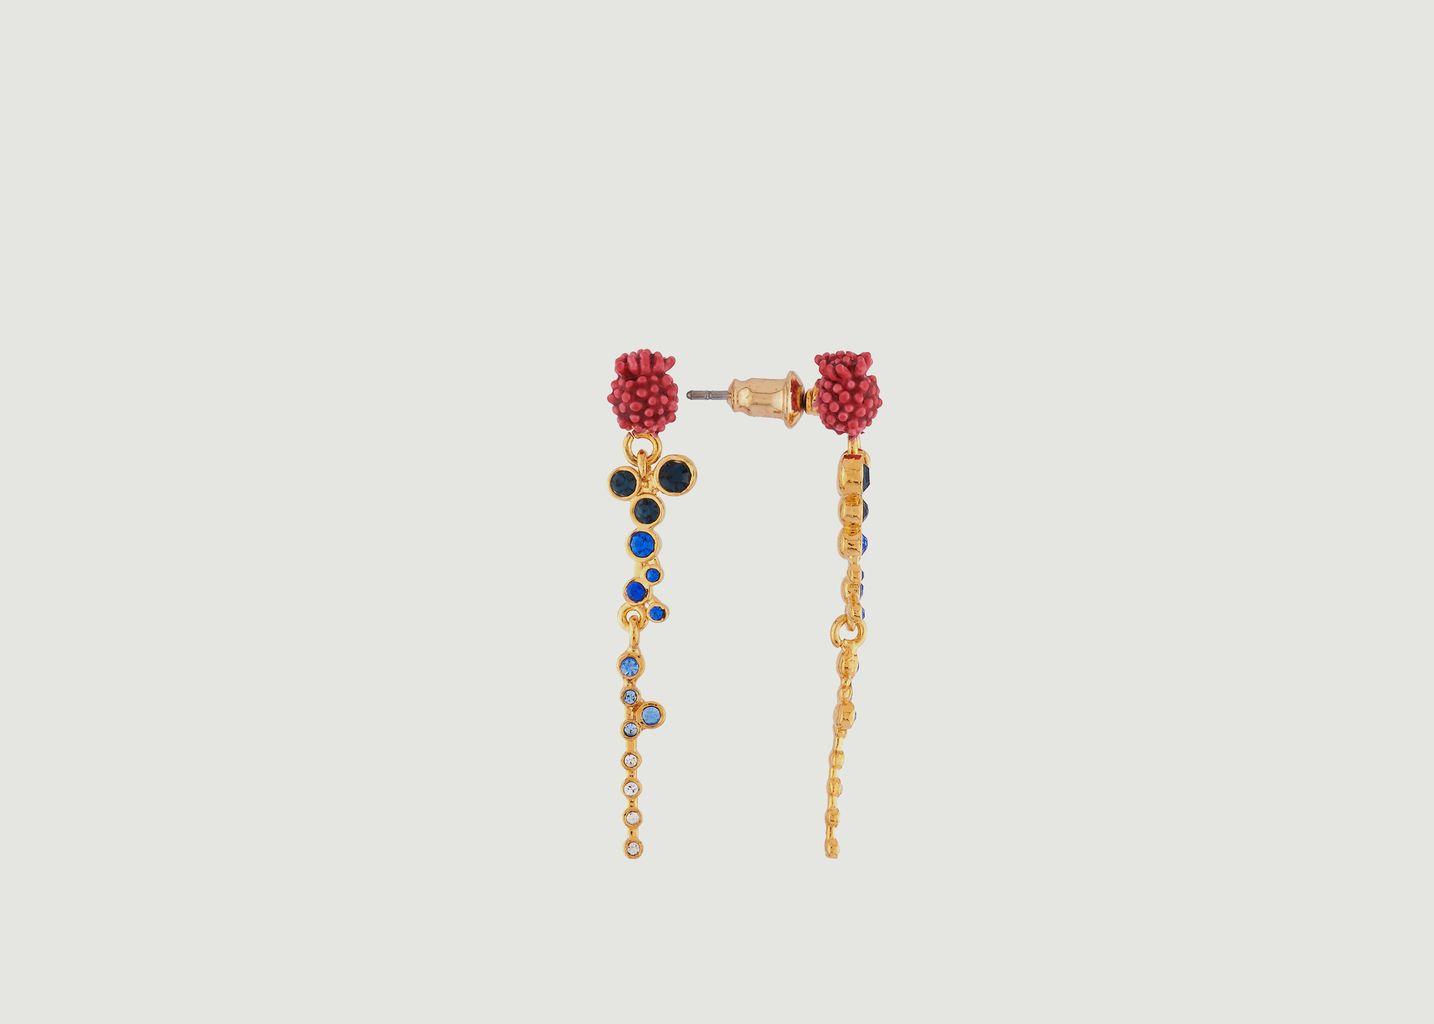 Boucles d'Oreilles Fleurs Pendantes - Les Néréides